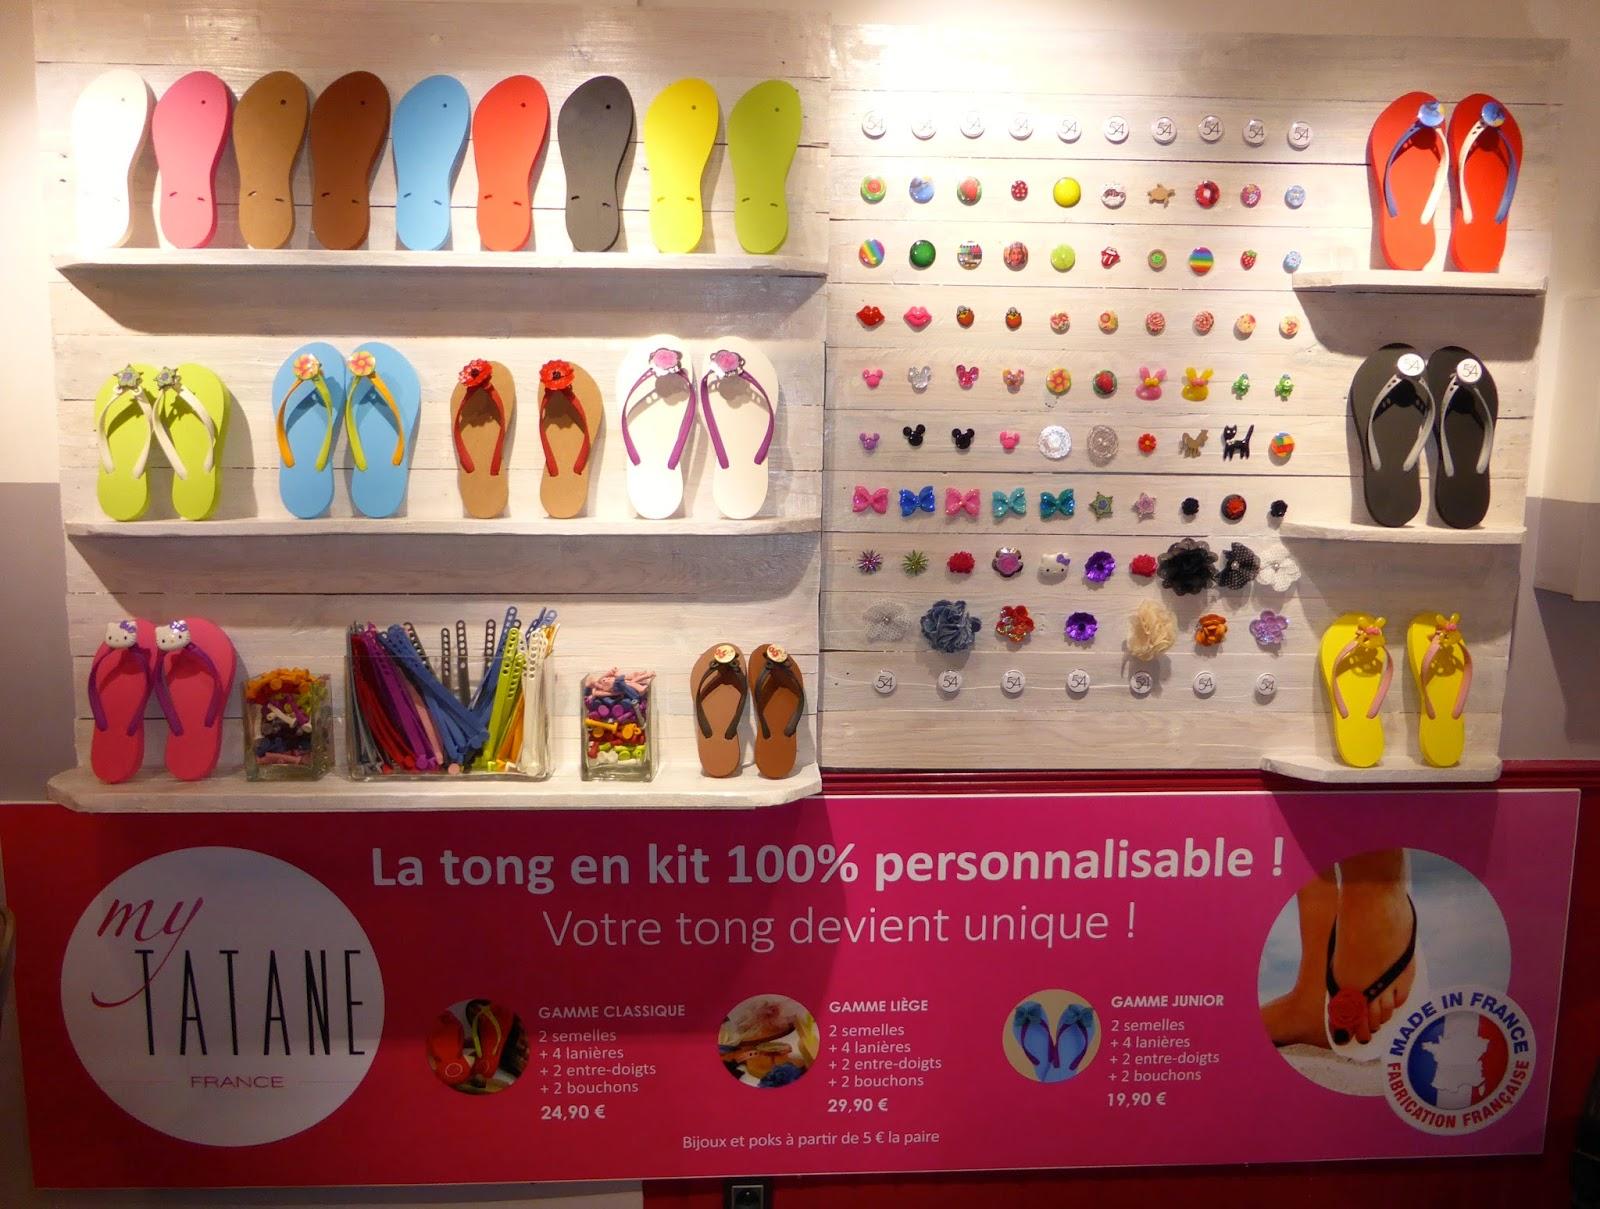 Le Studio 54 devient dépositaire exclusif de la marque My Tatane à Montpellier,  les tongs 100 % personnalisables et 100 % Made in France.